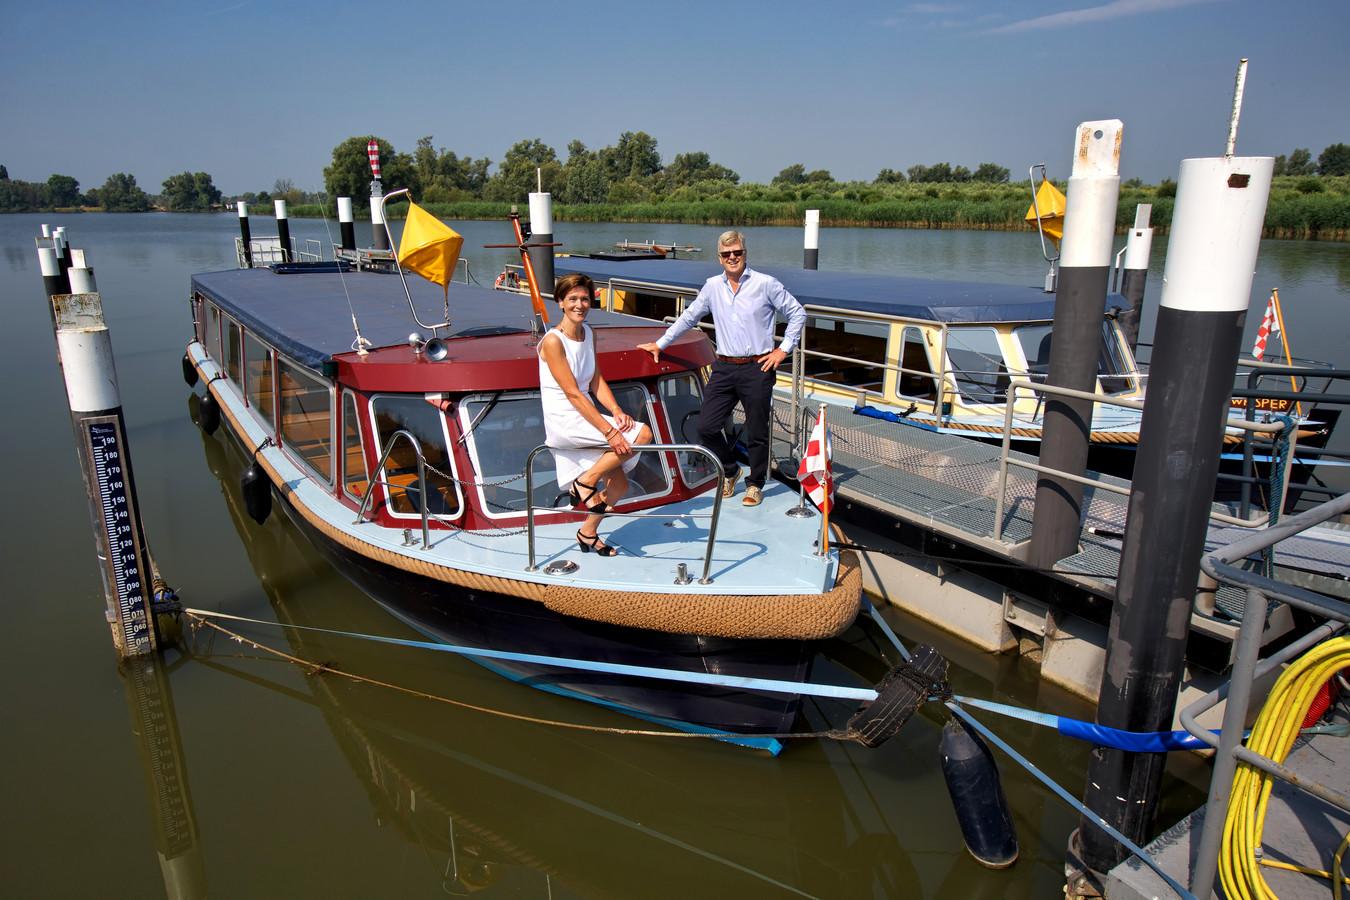 Gerry en Kees Polak krijgen er een nieuwe boot bij, waarmee ze ook rolstoelers mee kunnen nemen voor tochten door de Biesbosch. Hier liggen hun twee huidige boten aangemeerd bij het Biesboschmuseum in Werkendam. Foto Johan Wouters / Pix4Profs